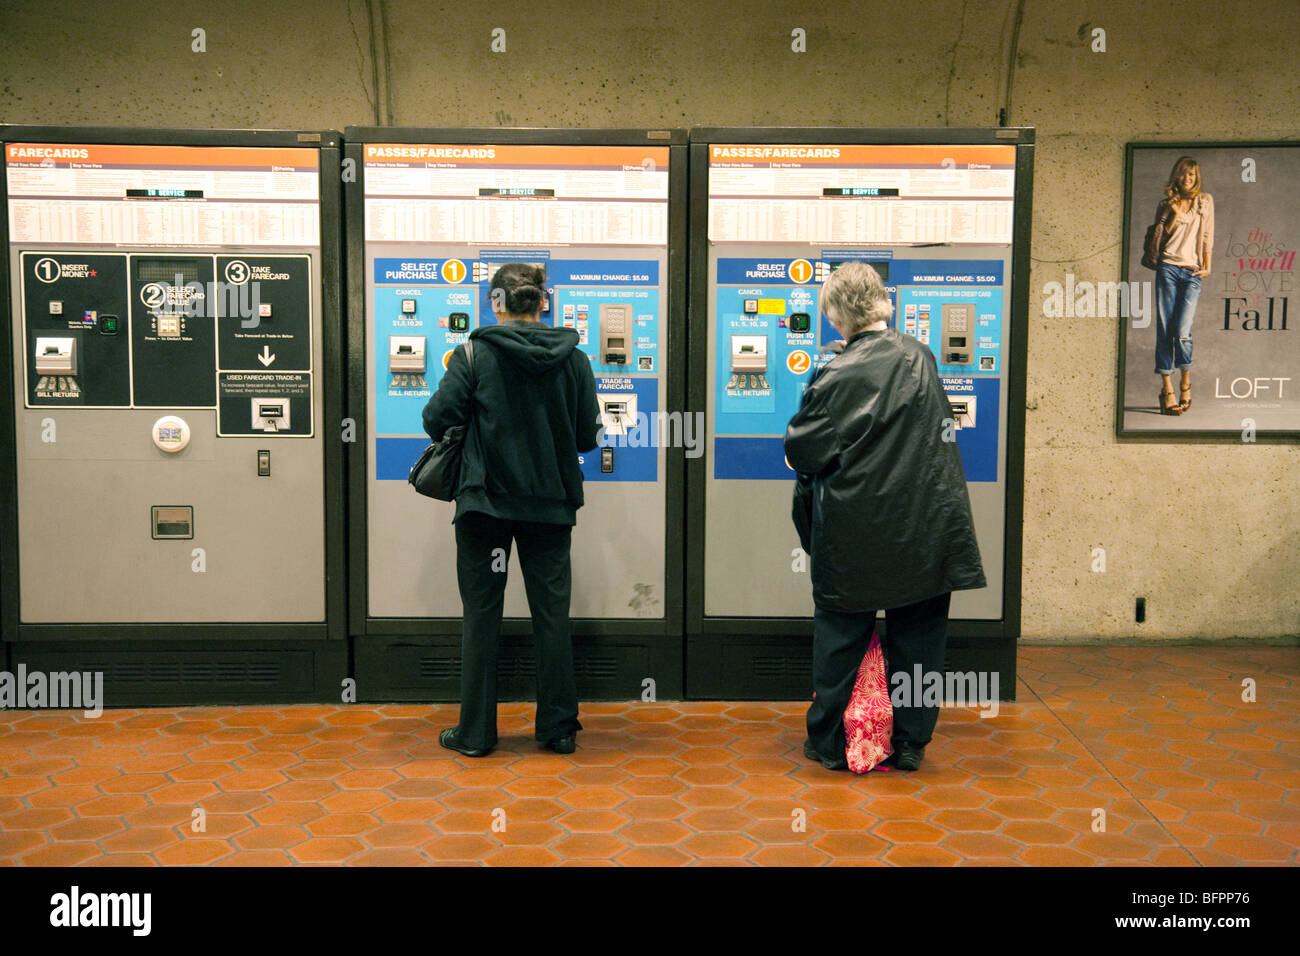 Les passagers l'achat de billets à partir de machines, le metrorail ou métro Métro, Washington Photo Stock